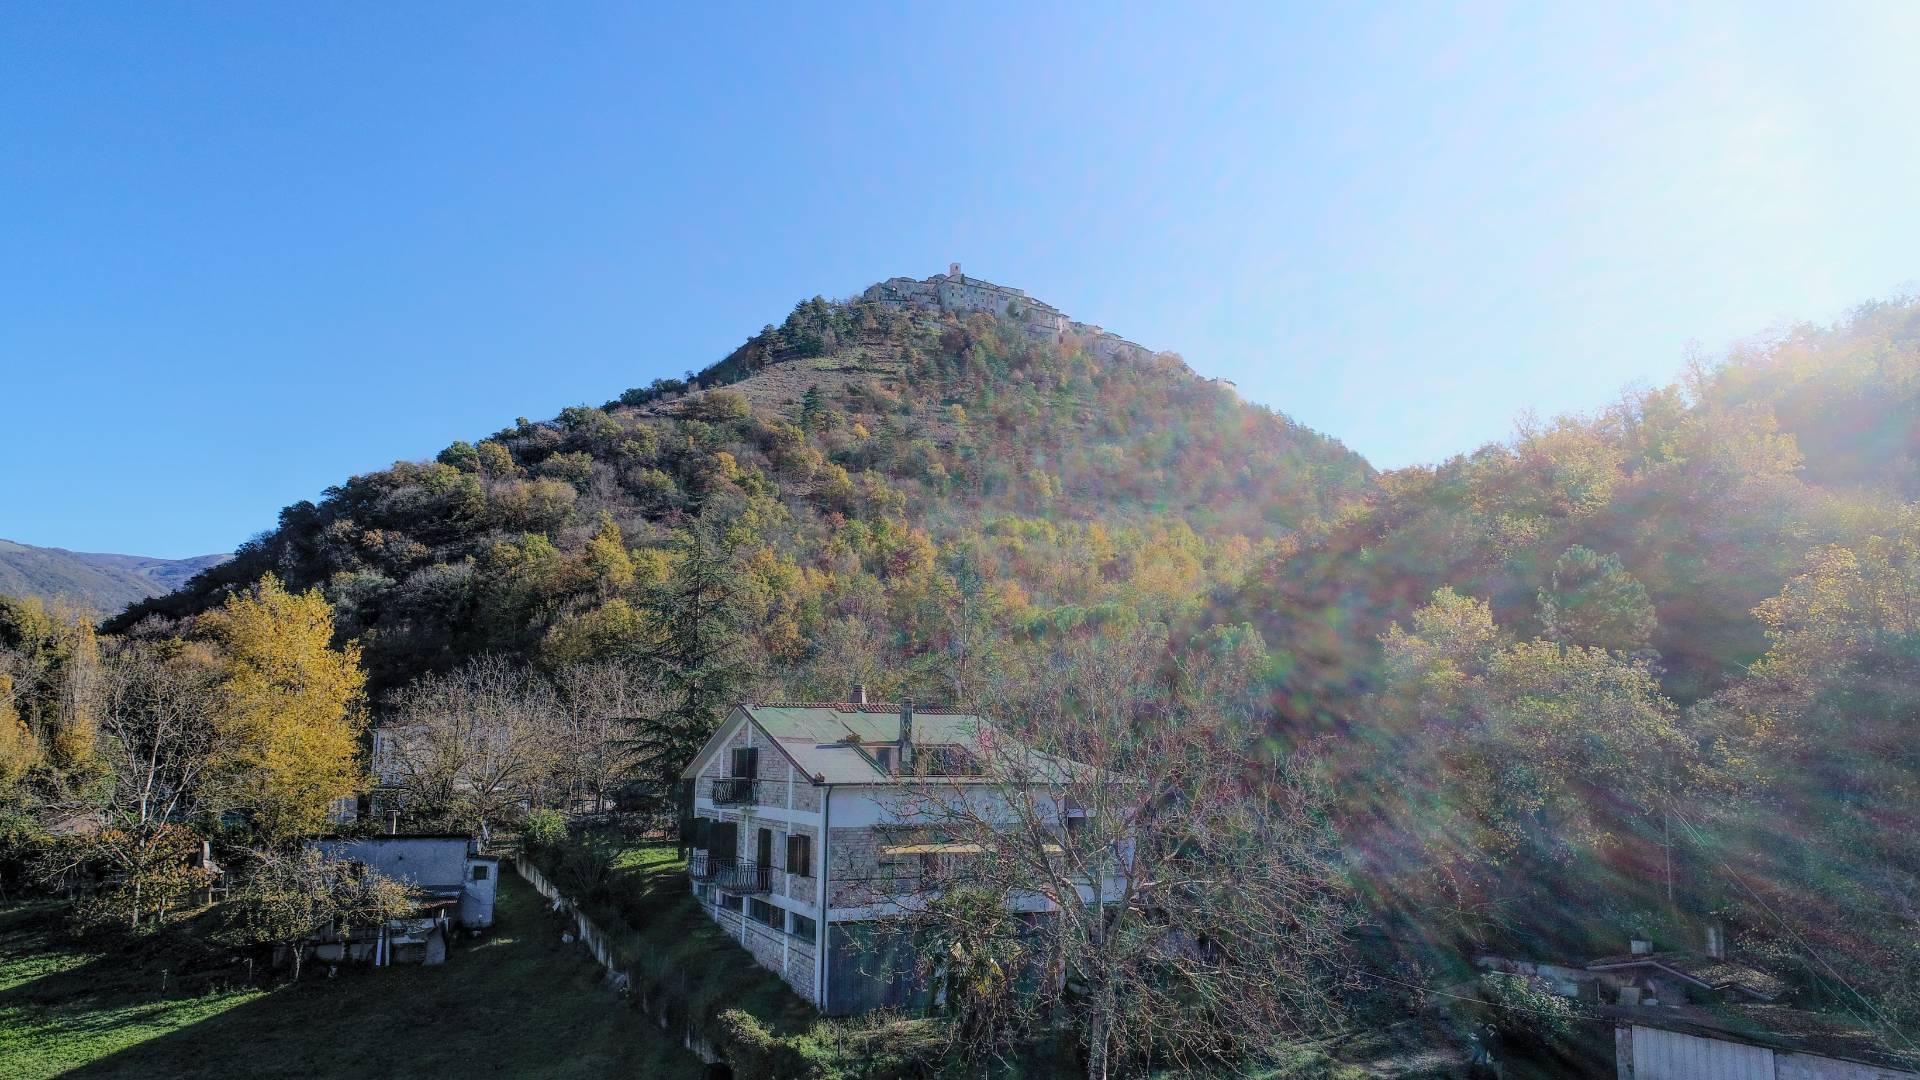 Villa in vendita a Labro, 10 locali, zona Località: ValleAvanzana, prezzo € 280.000 | CambioCasa.it